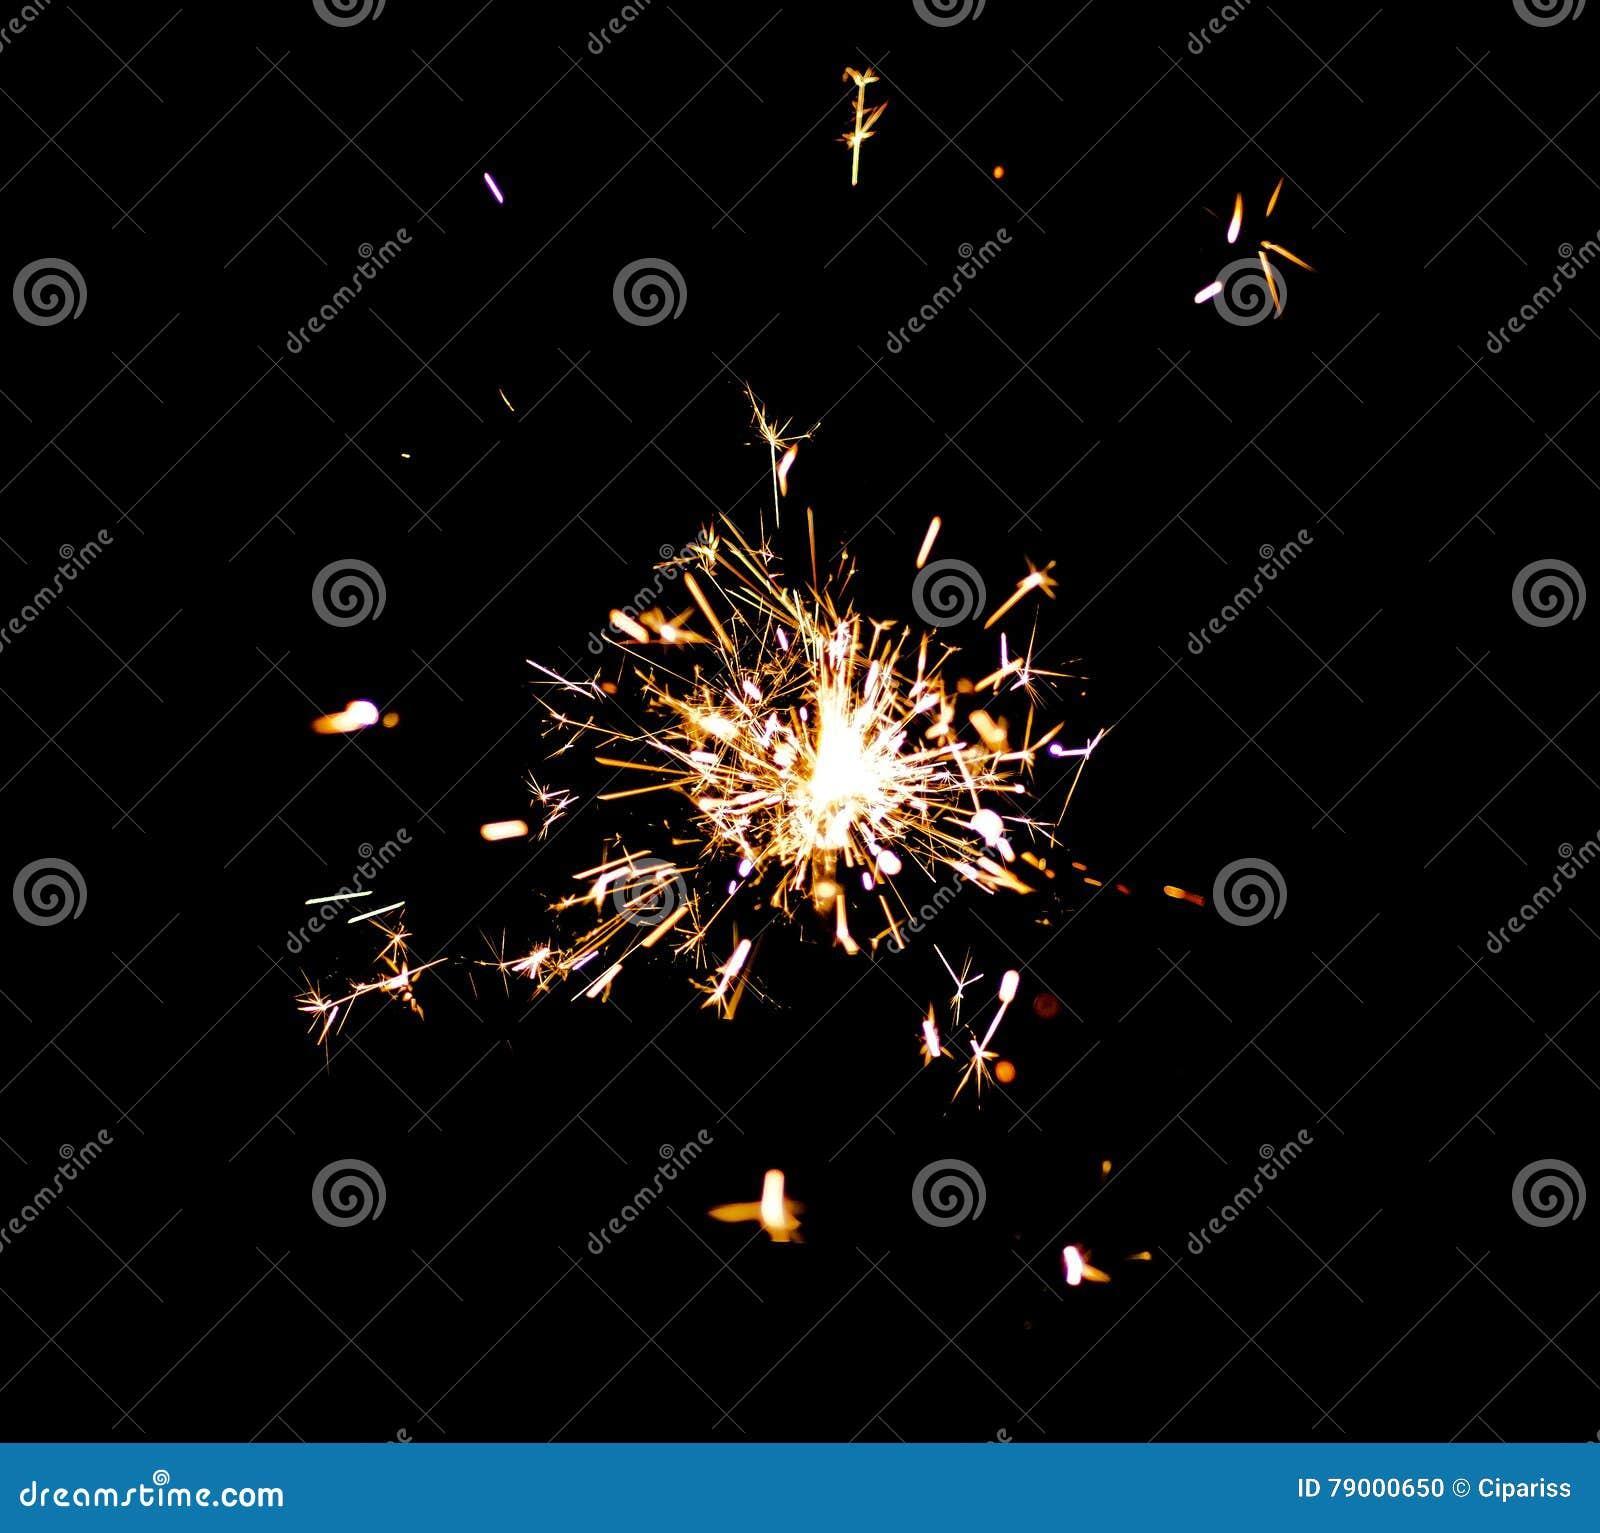 Stella Luminosa Di Natale.Singola Stella Filante Festiva Luminosa Di Natale Del Nuovo Anno